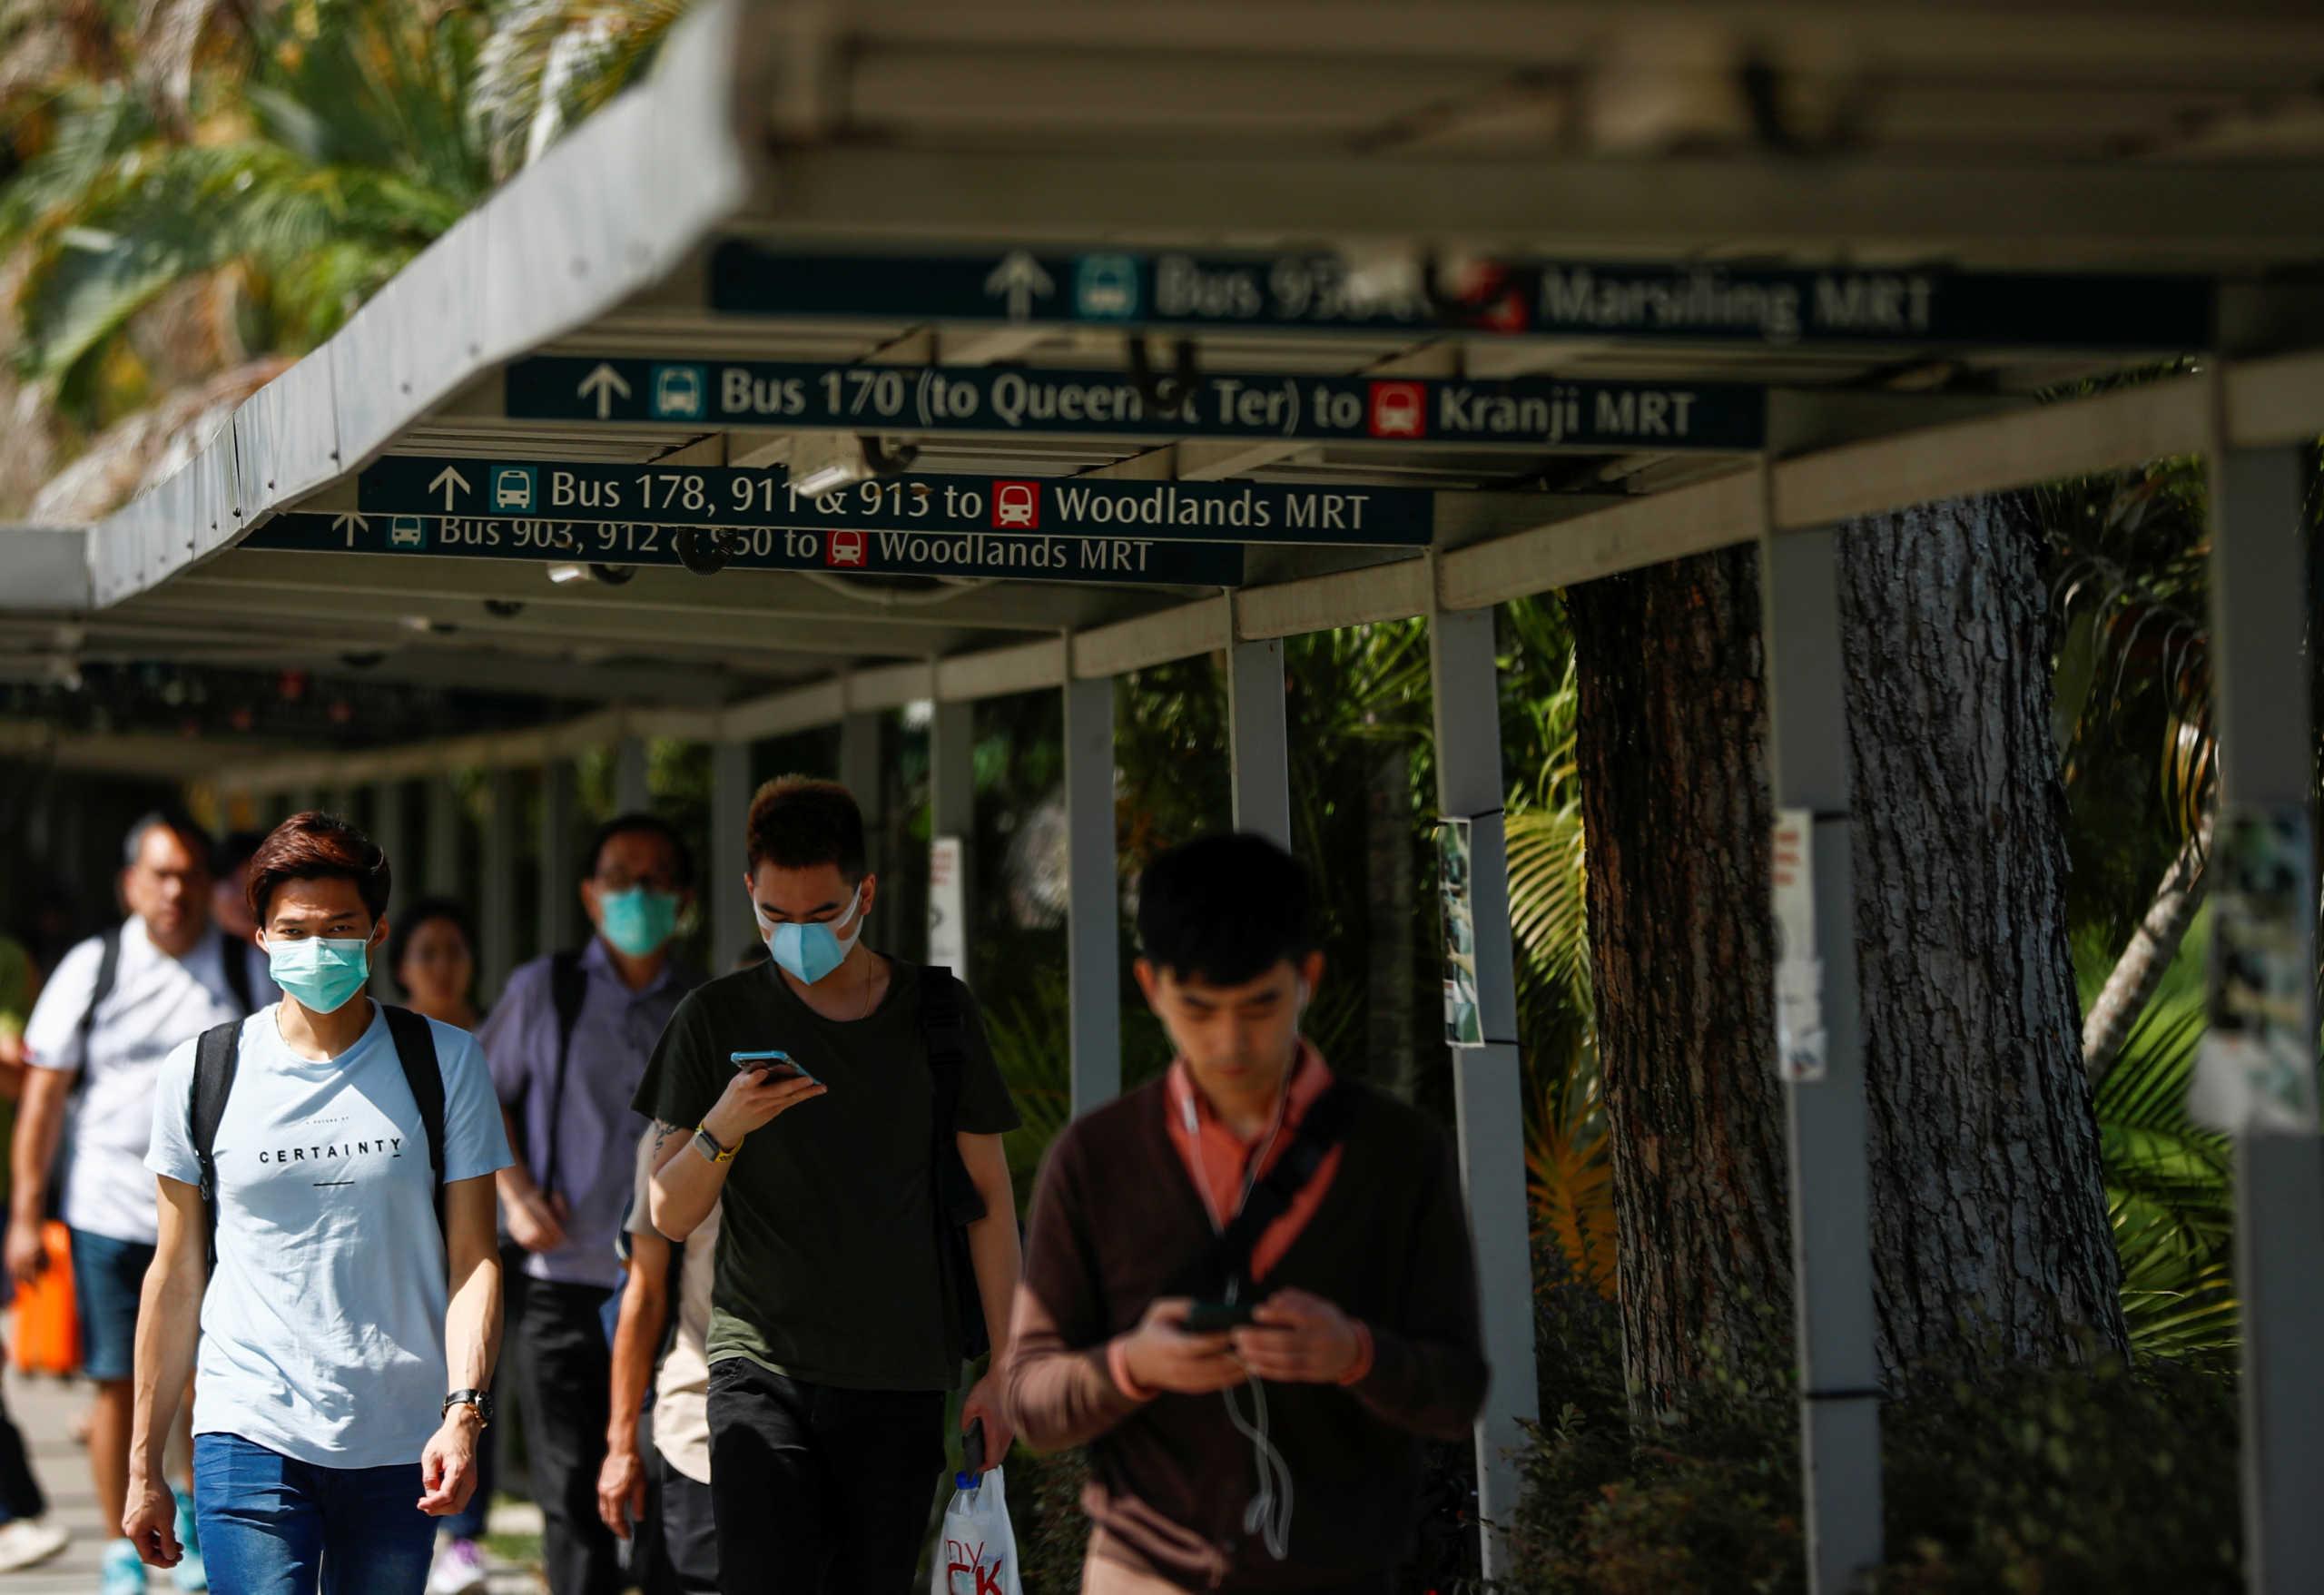 Τους βρίσκουν με τα κινητά! Στη Σιγκαπούρη υπάρχει εφαρμογή για εντοπισμό τυχόν κρουσμάτων κορονοϊού